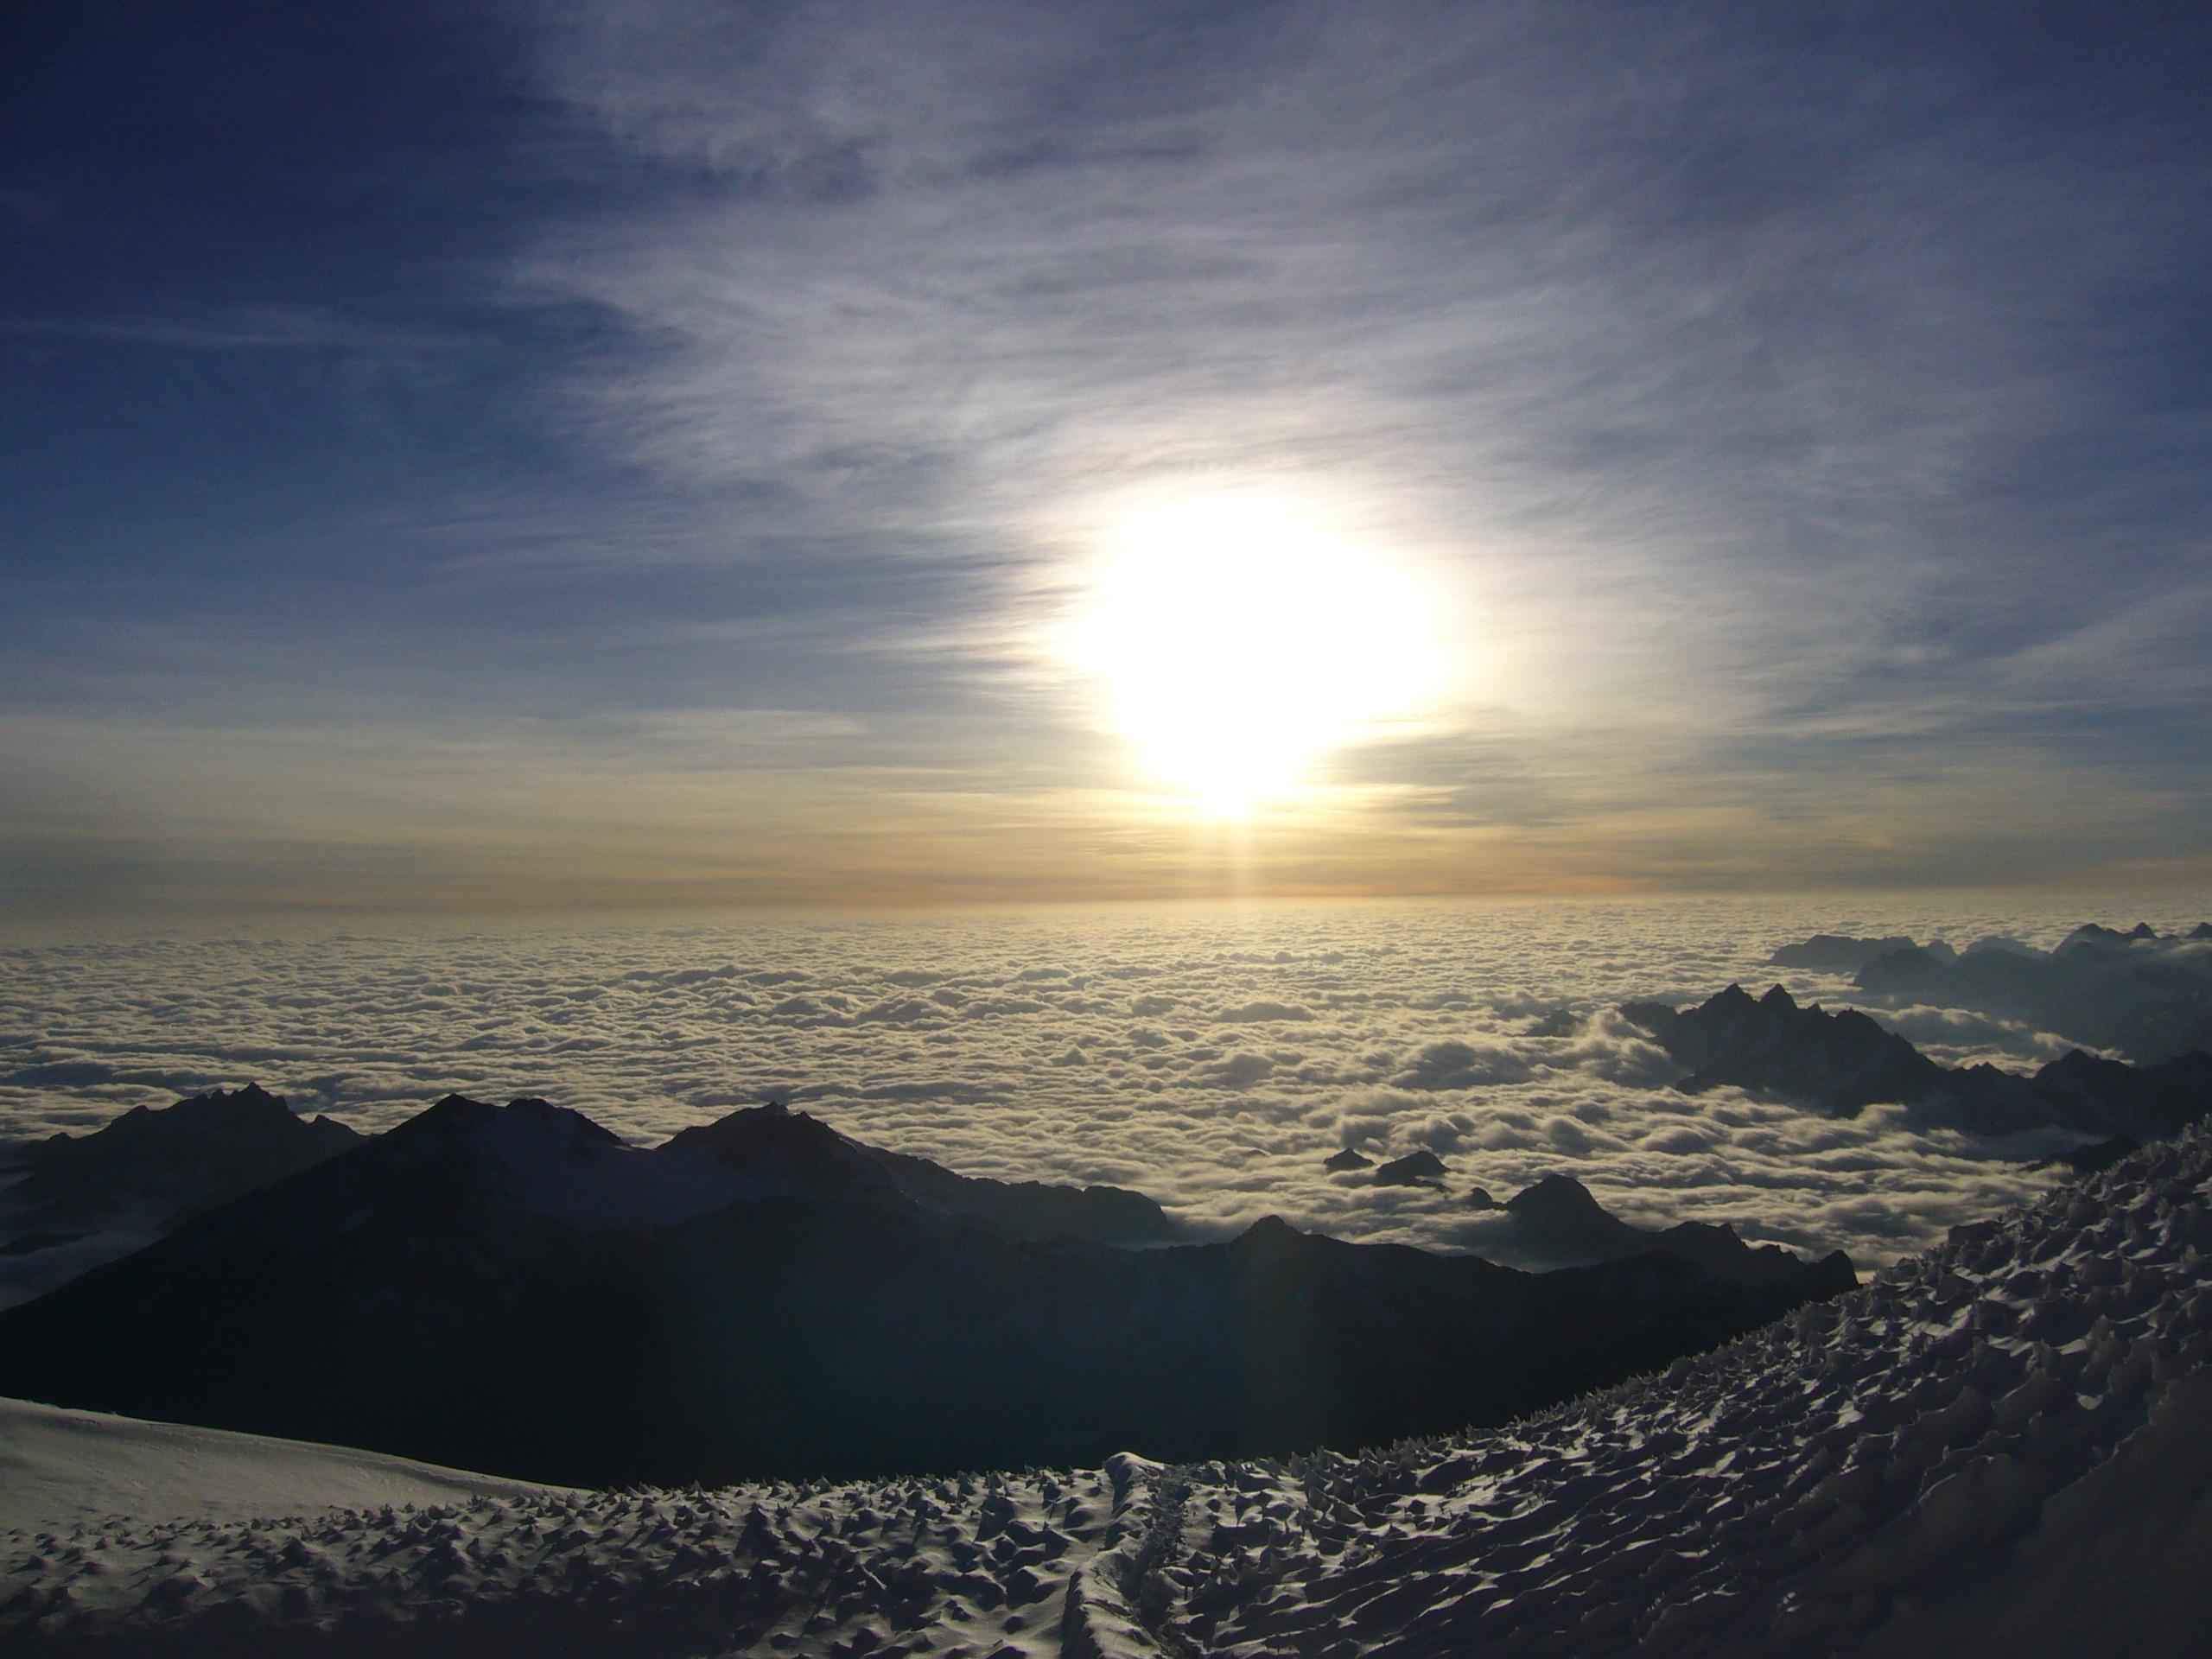 Radreise Peru 2008 - Aufstieg zum Huayna Potosi (6.088m)